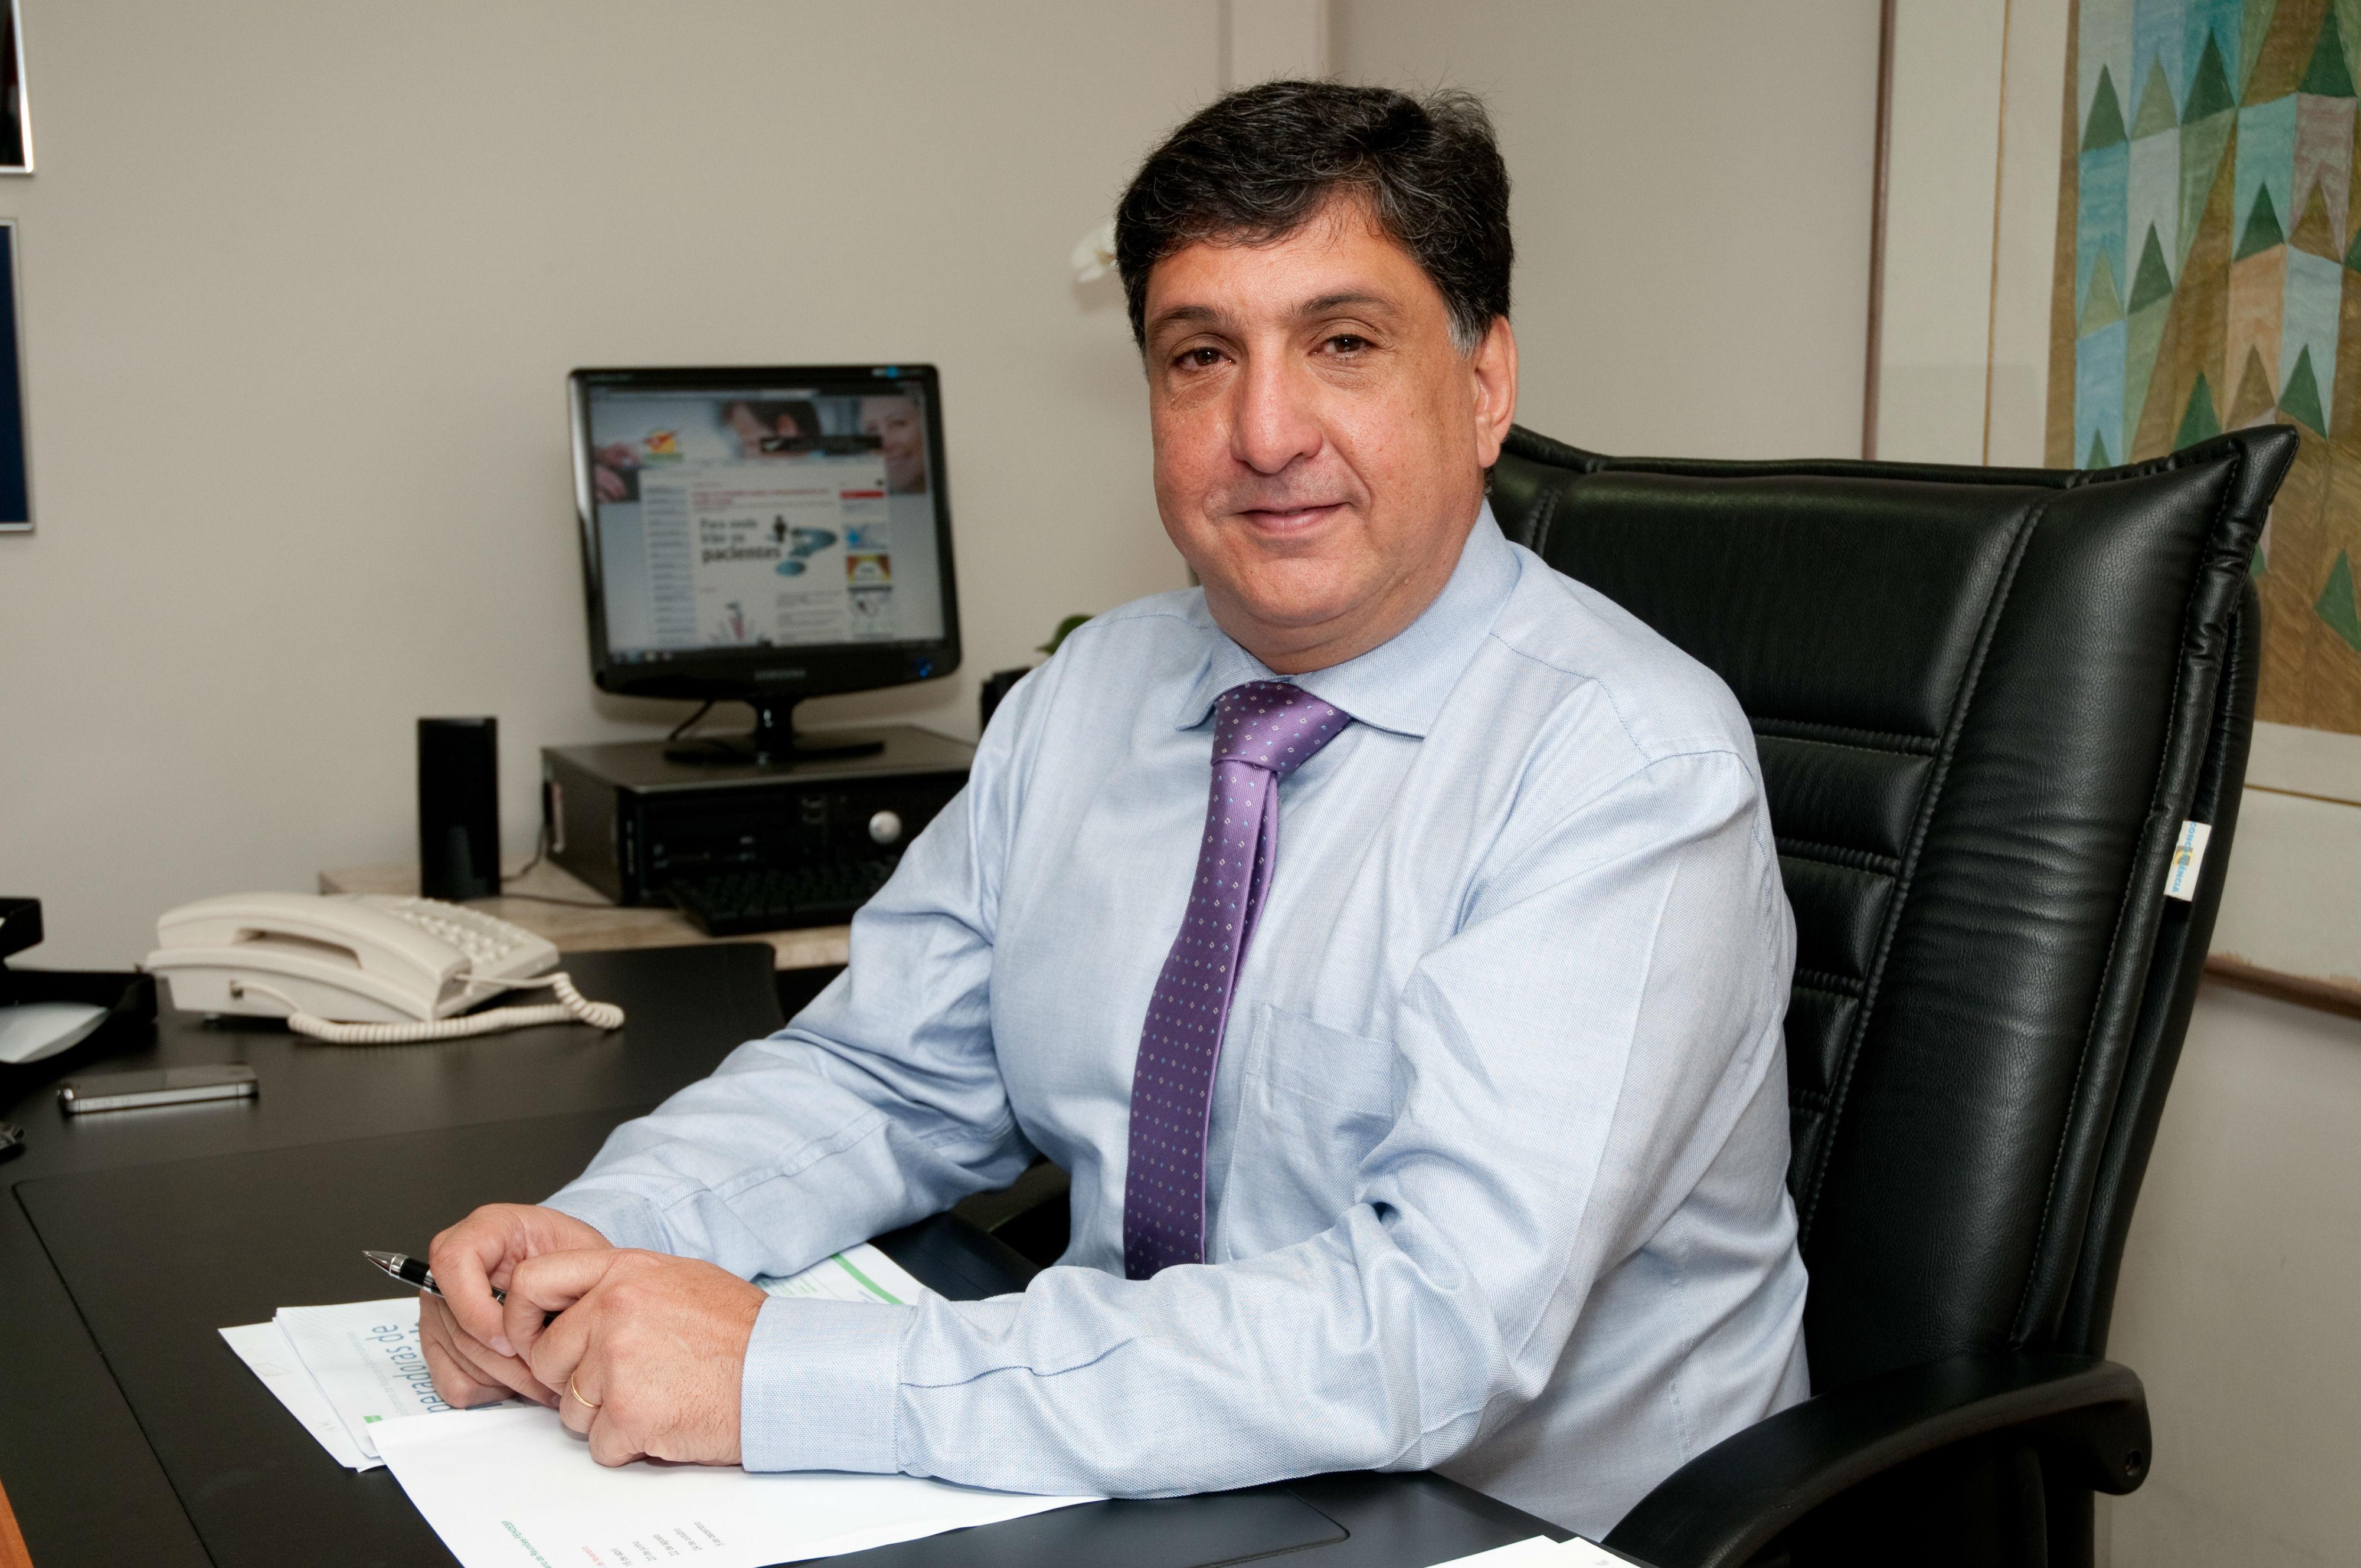 """""""Nós acreditamos que o governo teria que se especializar em regular. Ele deve fazer a regulação, com isenção, e deixar o resto com a iniciativa privada"""", Yussif Ale Mere Jr., presidente do Sindhosp"""